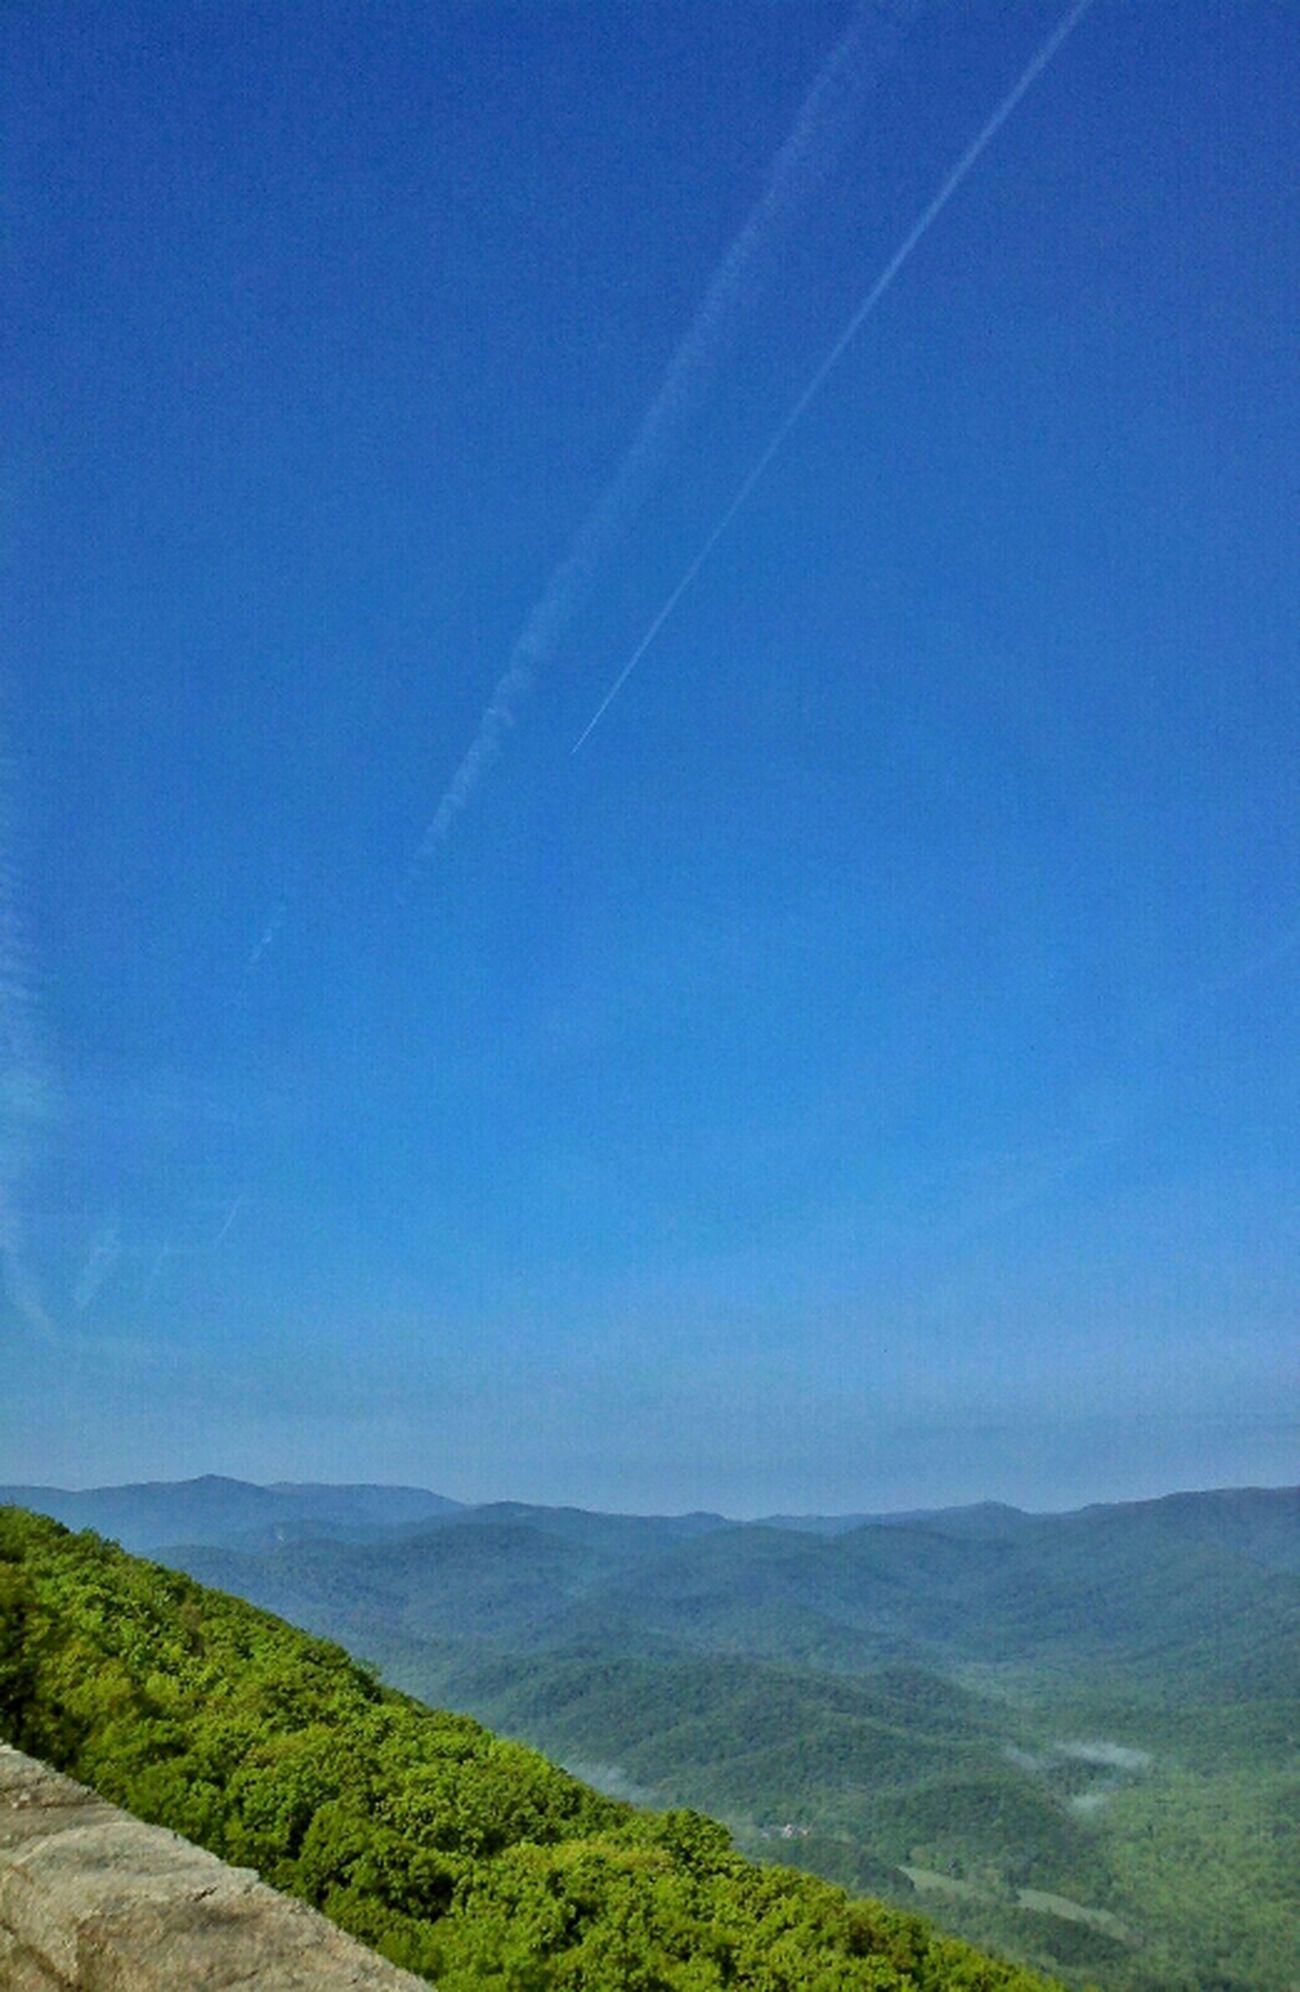 Blue Ridge Mountains Where I Grew Up